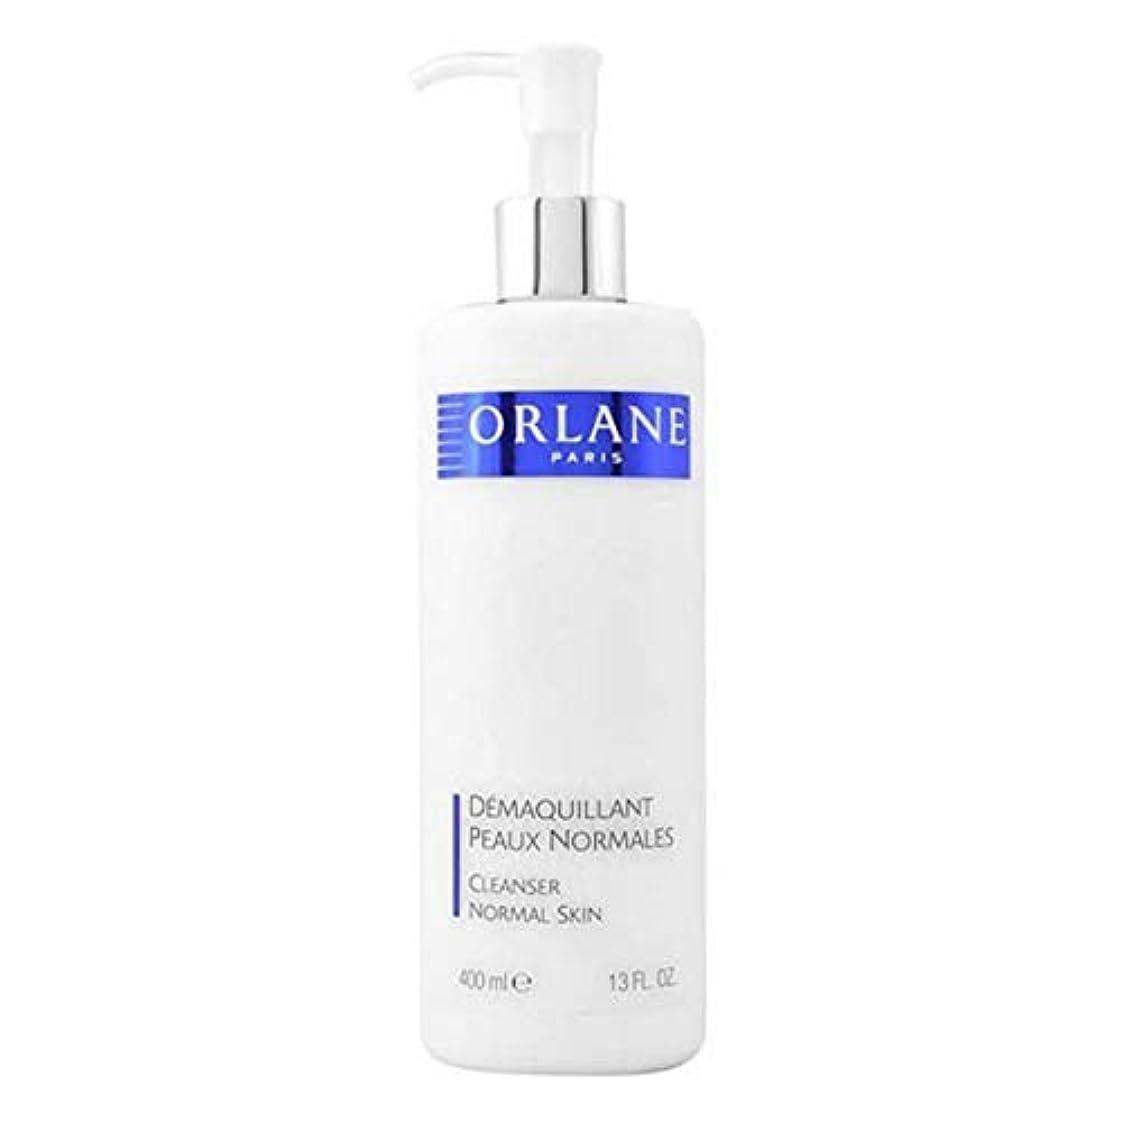 雄弁な無傷内訳オルラーヌ Cleanser For Normal Skin (Salon Product) 400ml/13oz並行輸入品